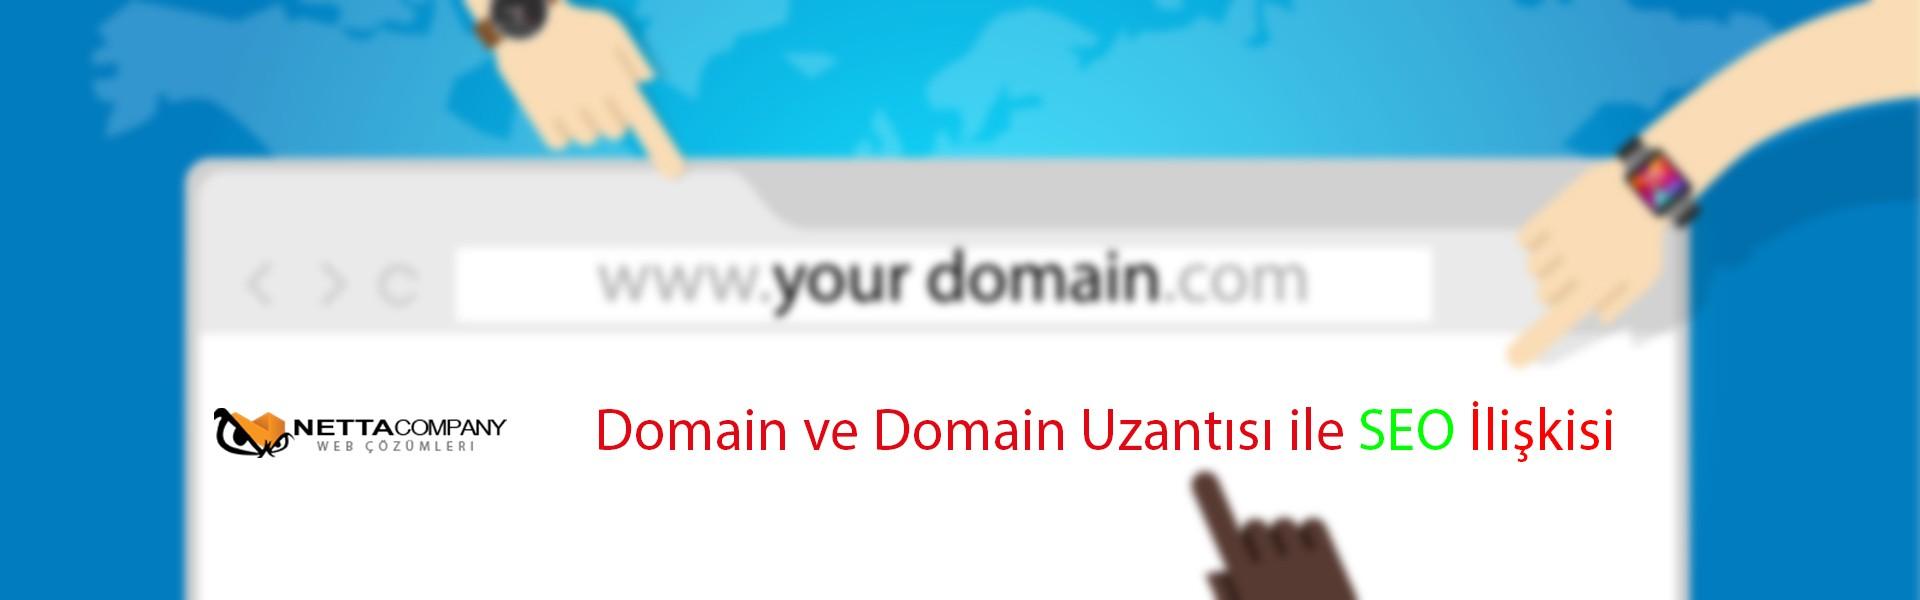 Domain ve Domain Uzantısı ile SEO İlişkisi